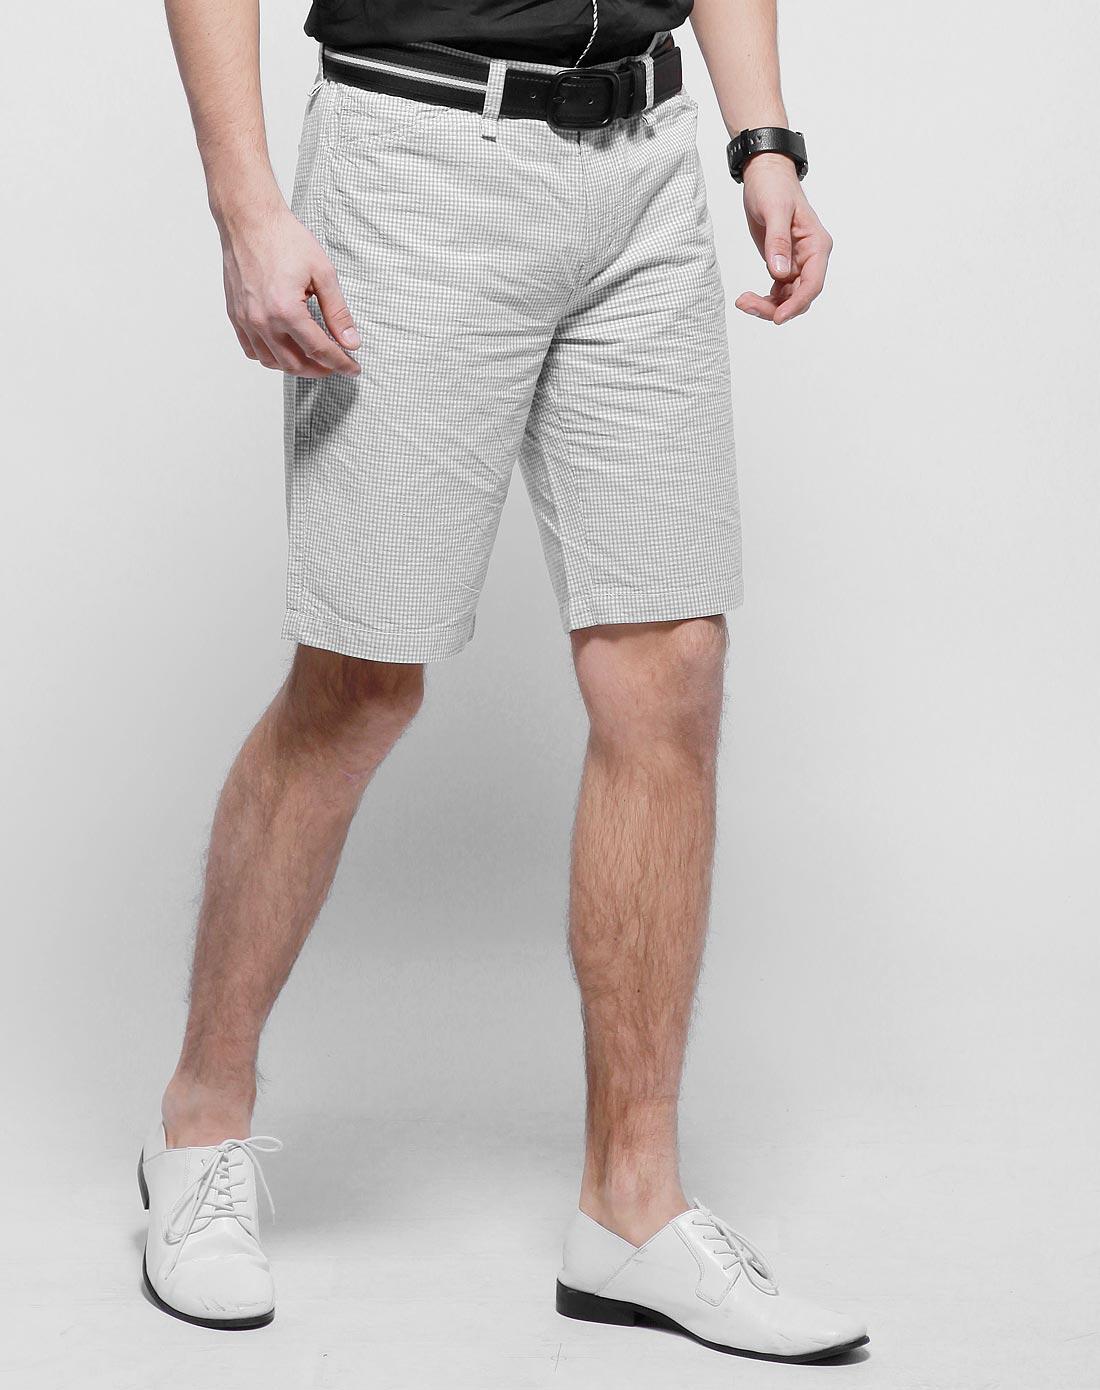 gxg 休闲时尚灰白格子男士短裤夏装